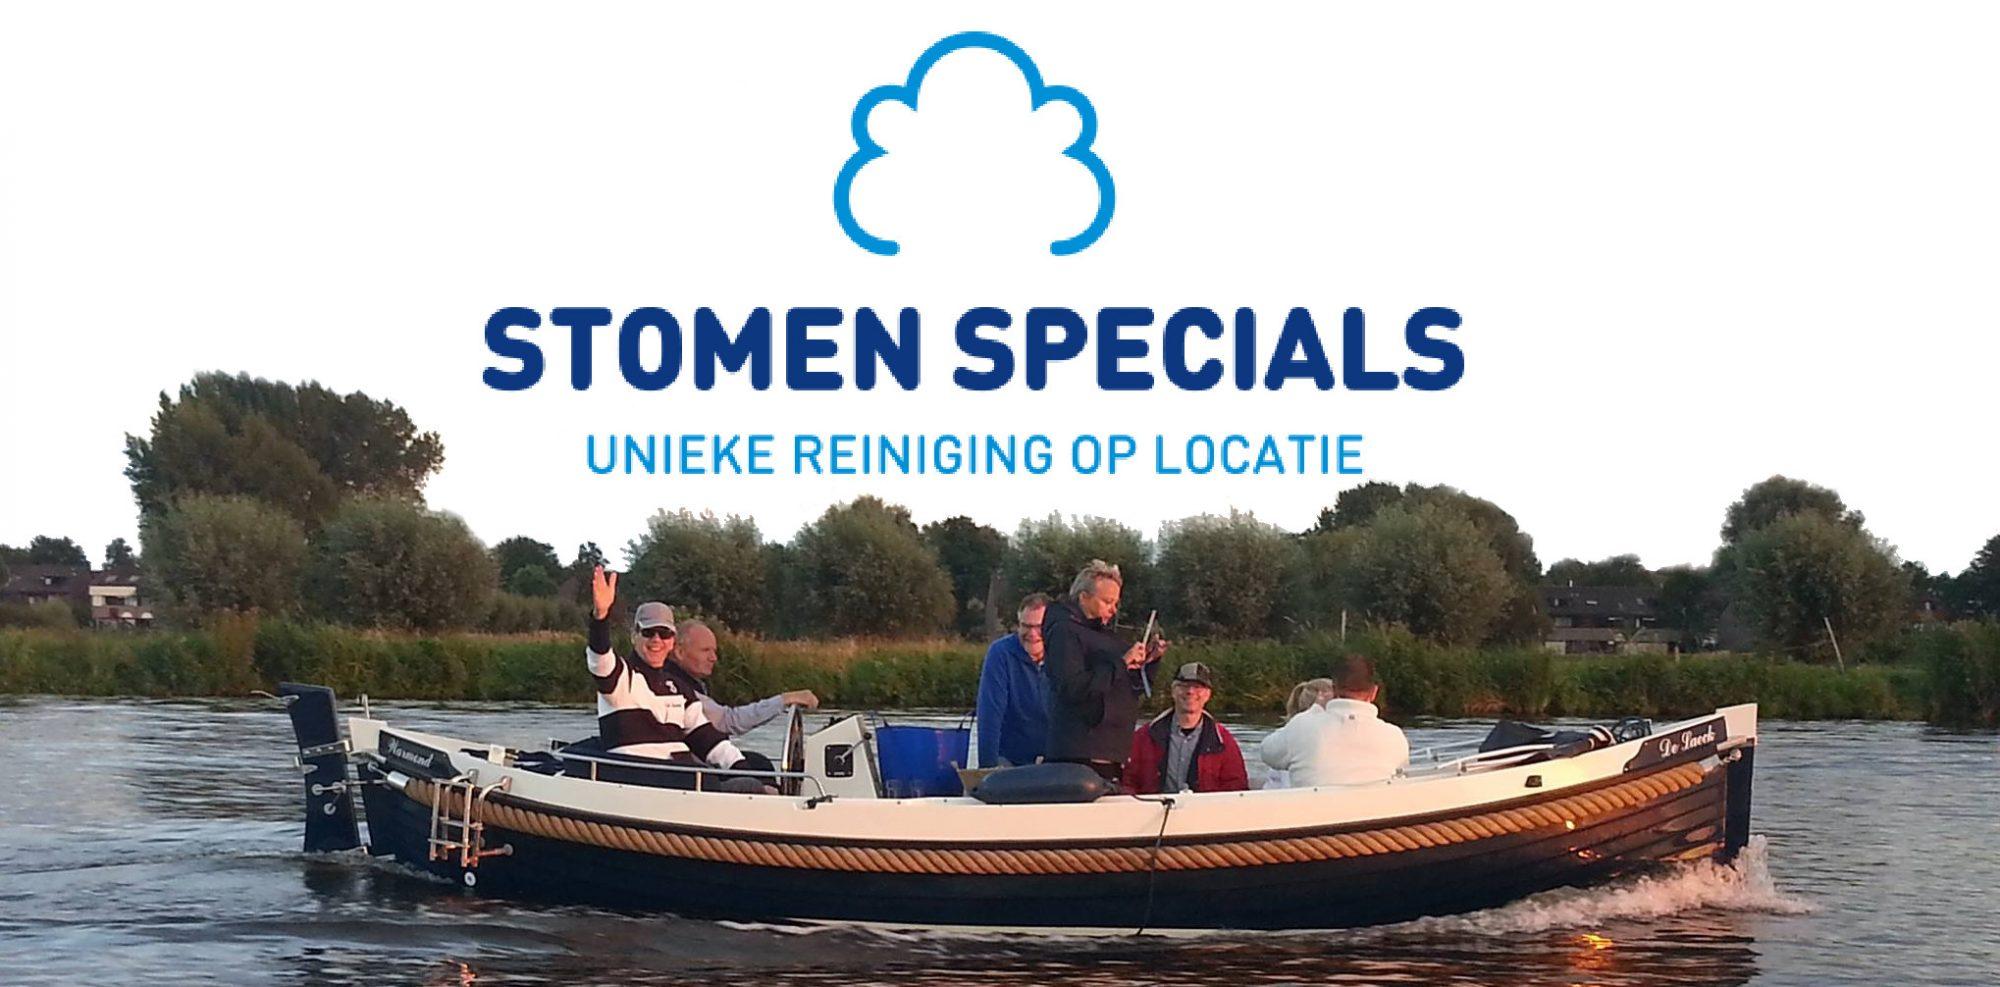 Stomenspecials.nl